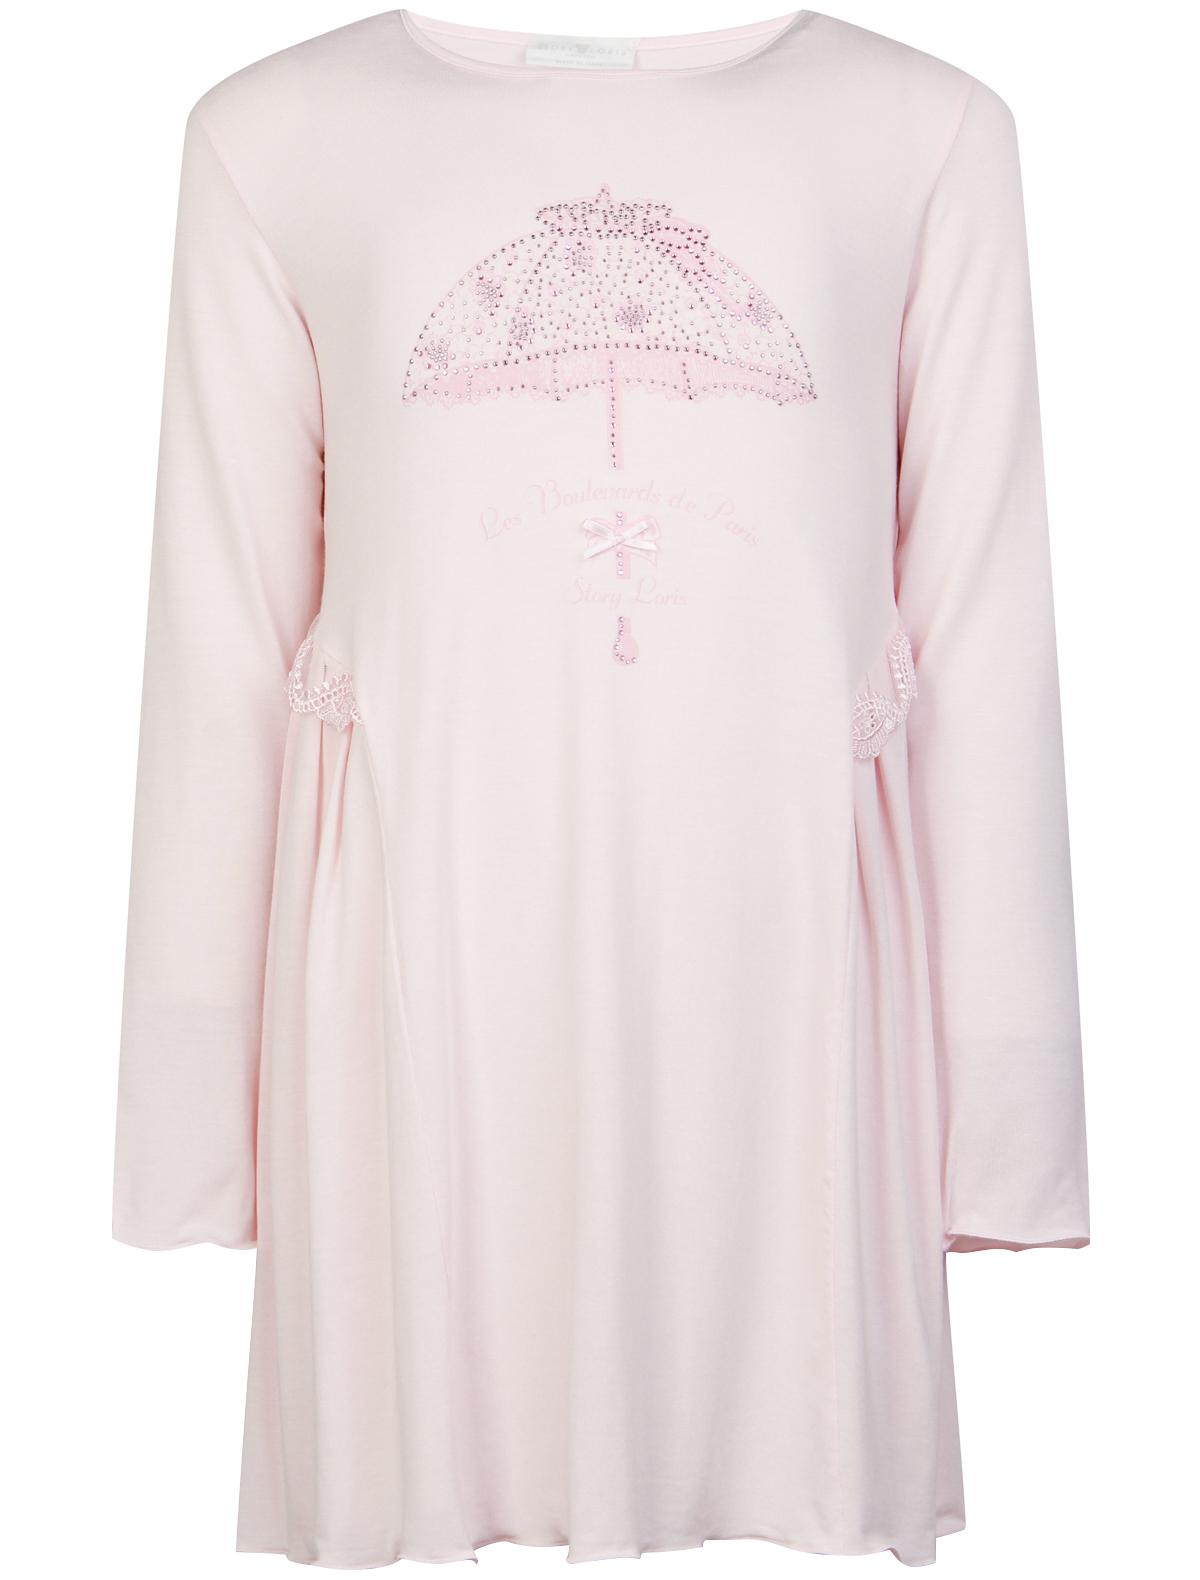 1929203, Ночная рубашка Story Loris, розовый, Женский, 3342609880032  - купить со скидкой